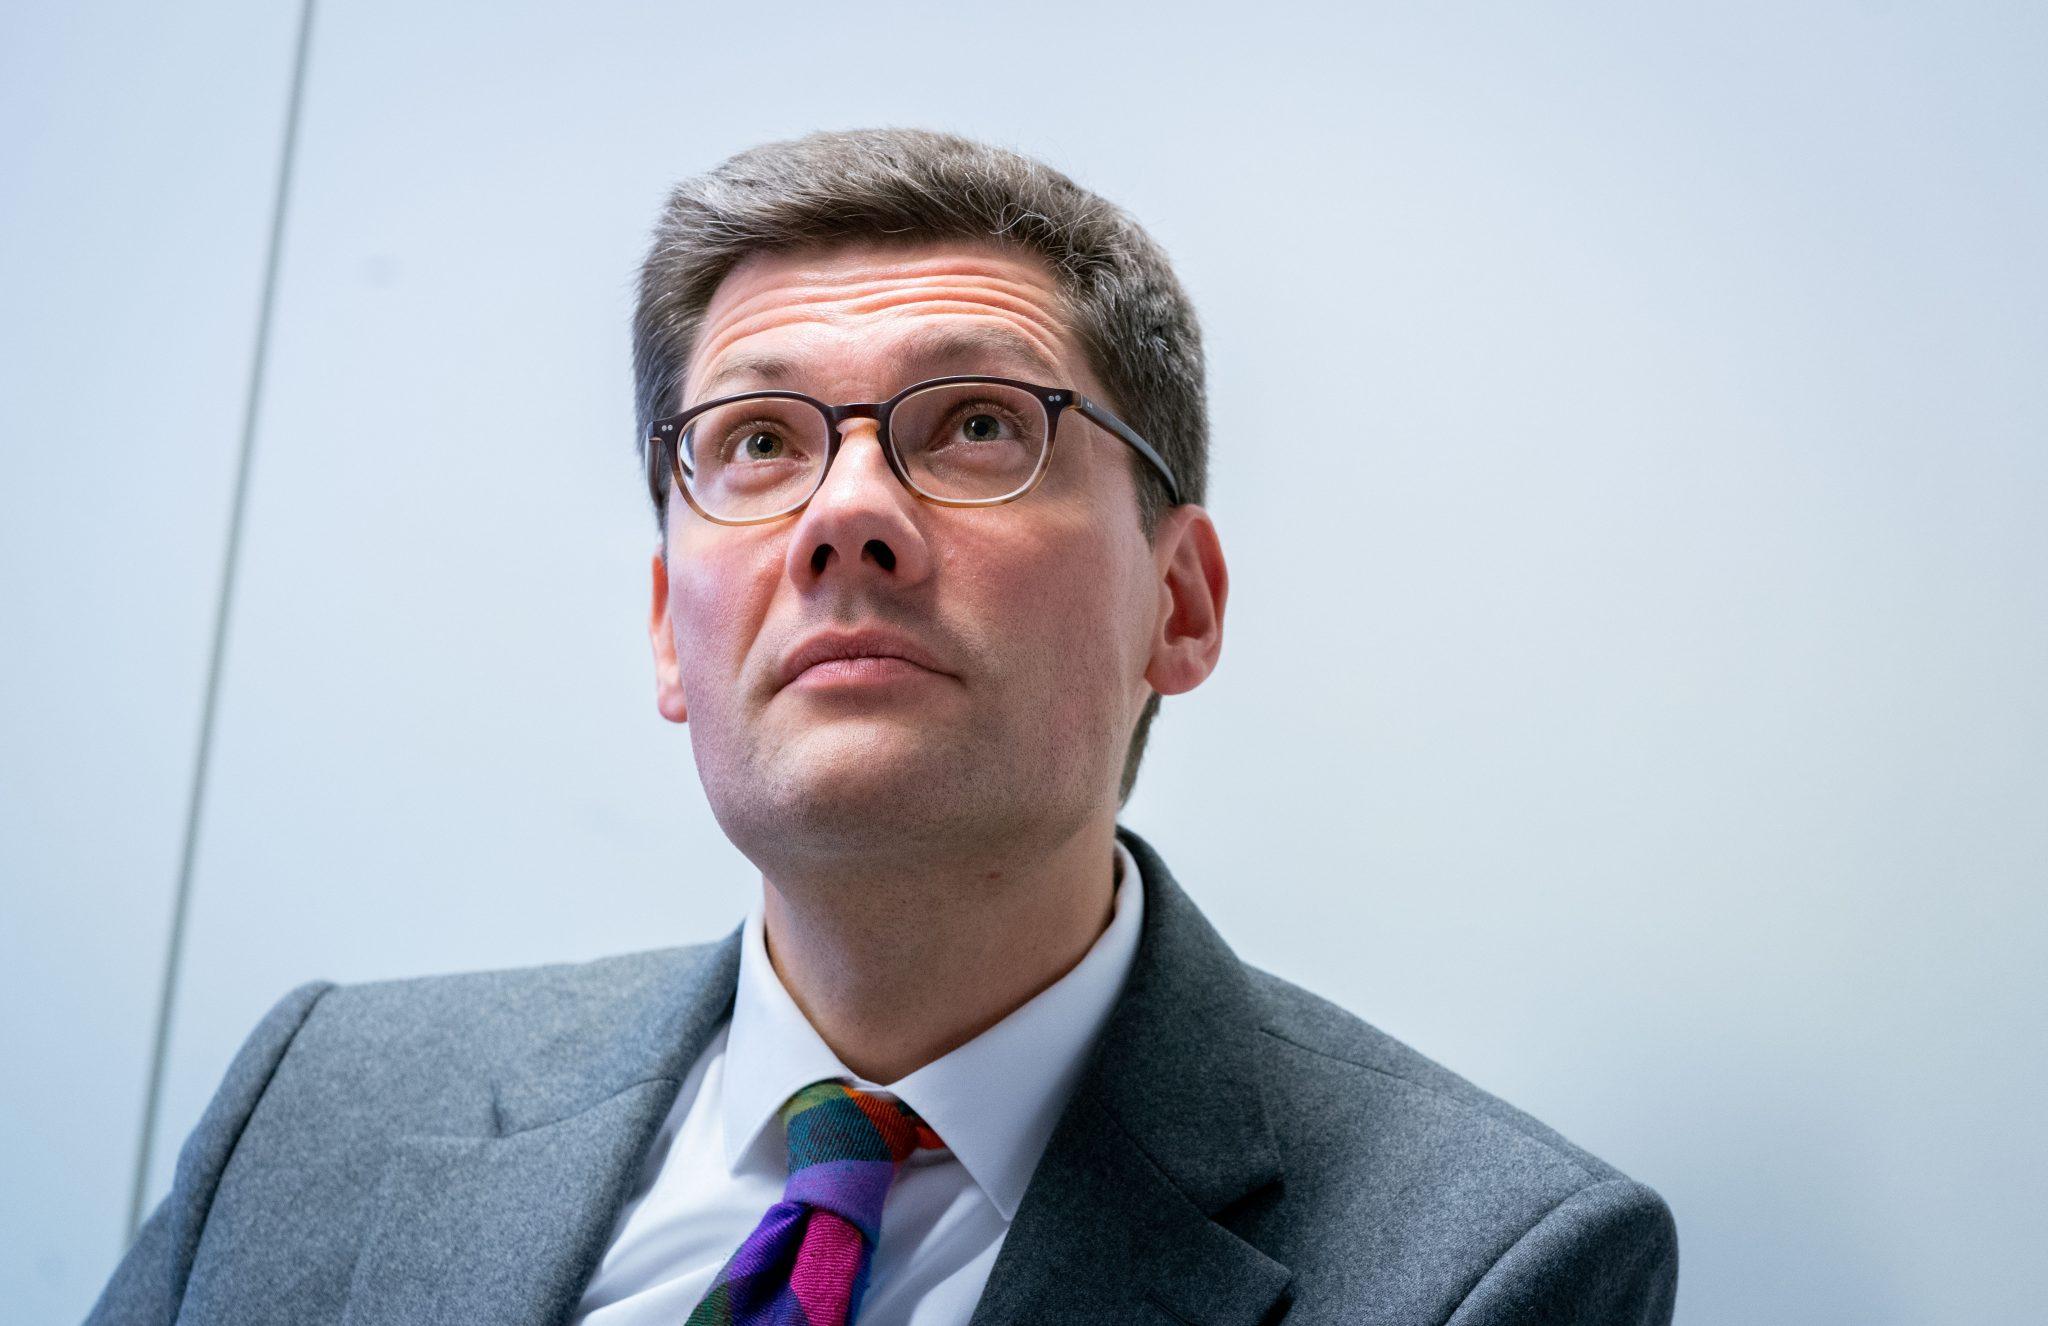 Der bisherige Ostbeauftragte der Bundesregierung, Christian Hirte (CDU) Foto: picture alliance/Kay Nietfeld/dpa